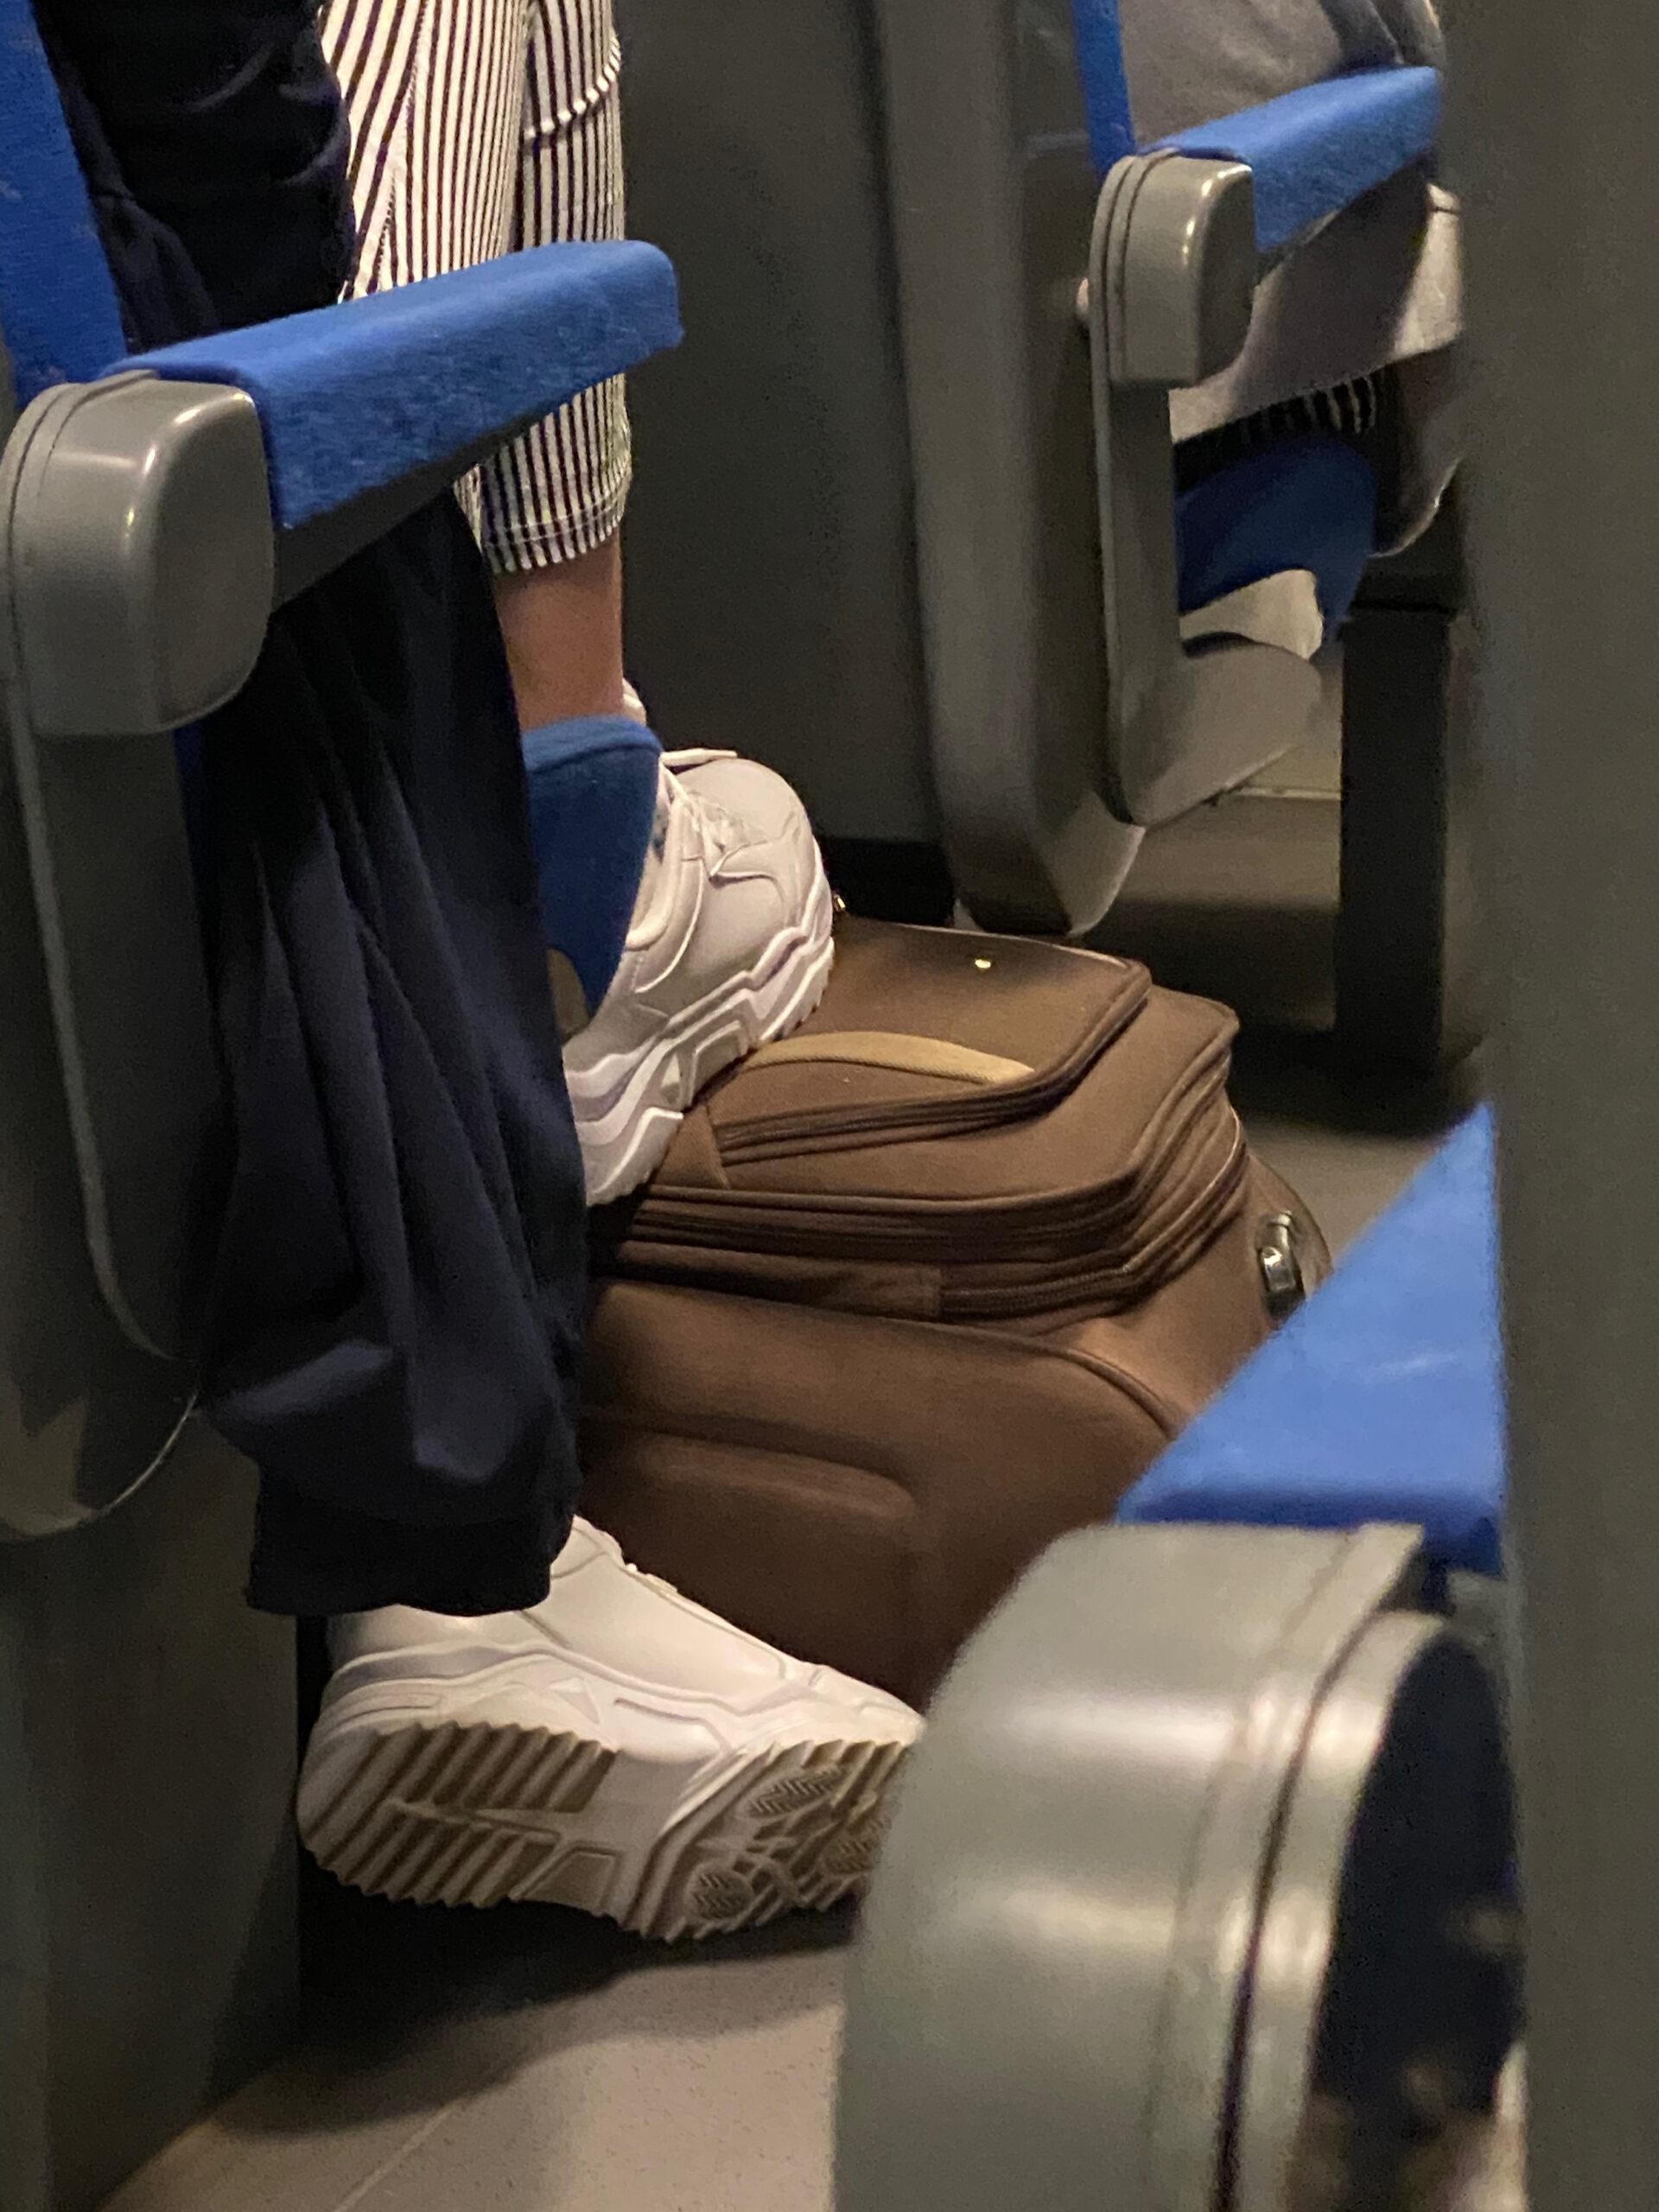 fata cu piciorul pe geanta